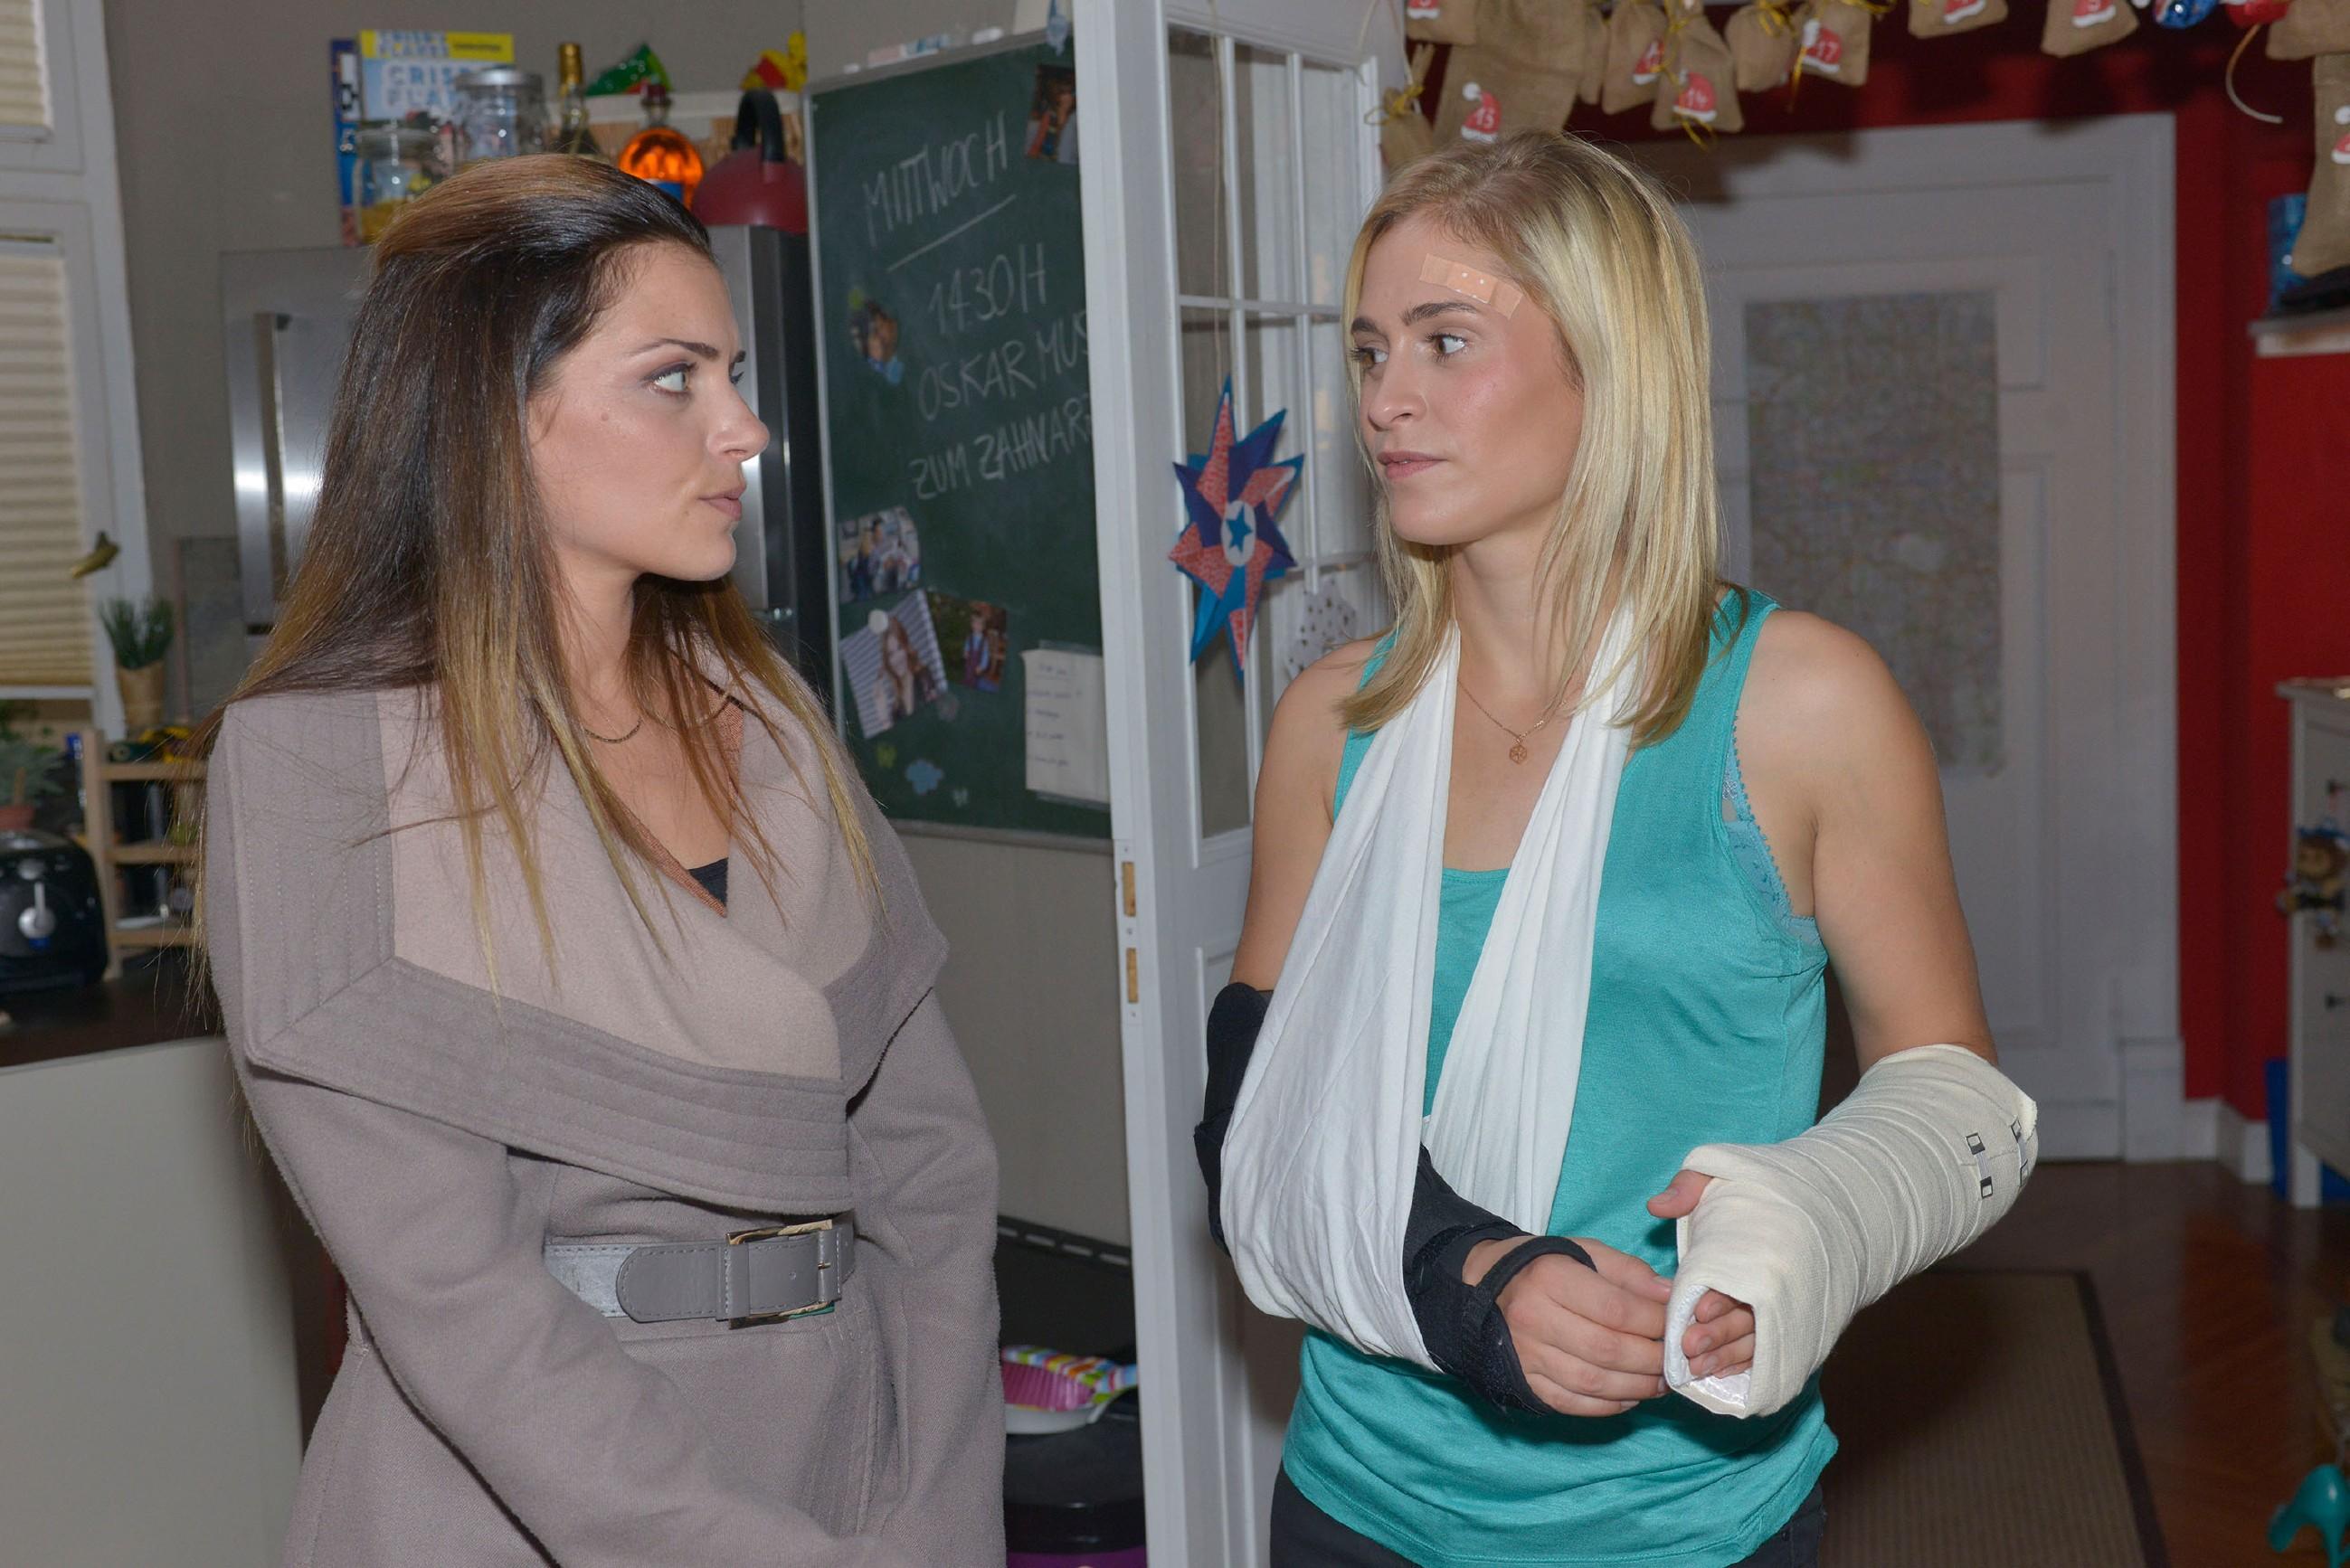 Emily (Anne Menden, l.) will ihre Schuld wiedergutmachen und hofft, Sophie (Lea Marlen Woitack) damit besänftigen zu können. (Quelle: RTL / Rolf Baumgartner)